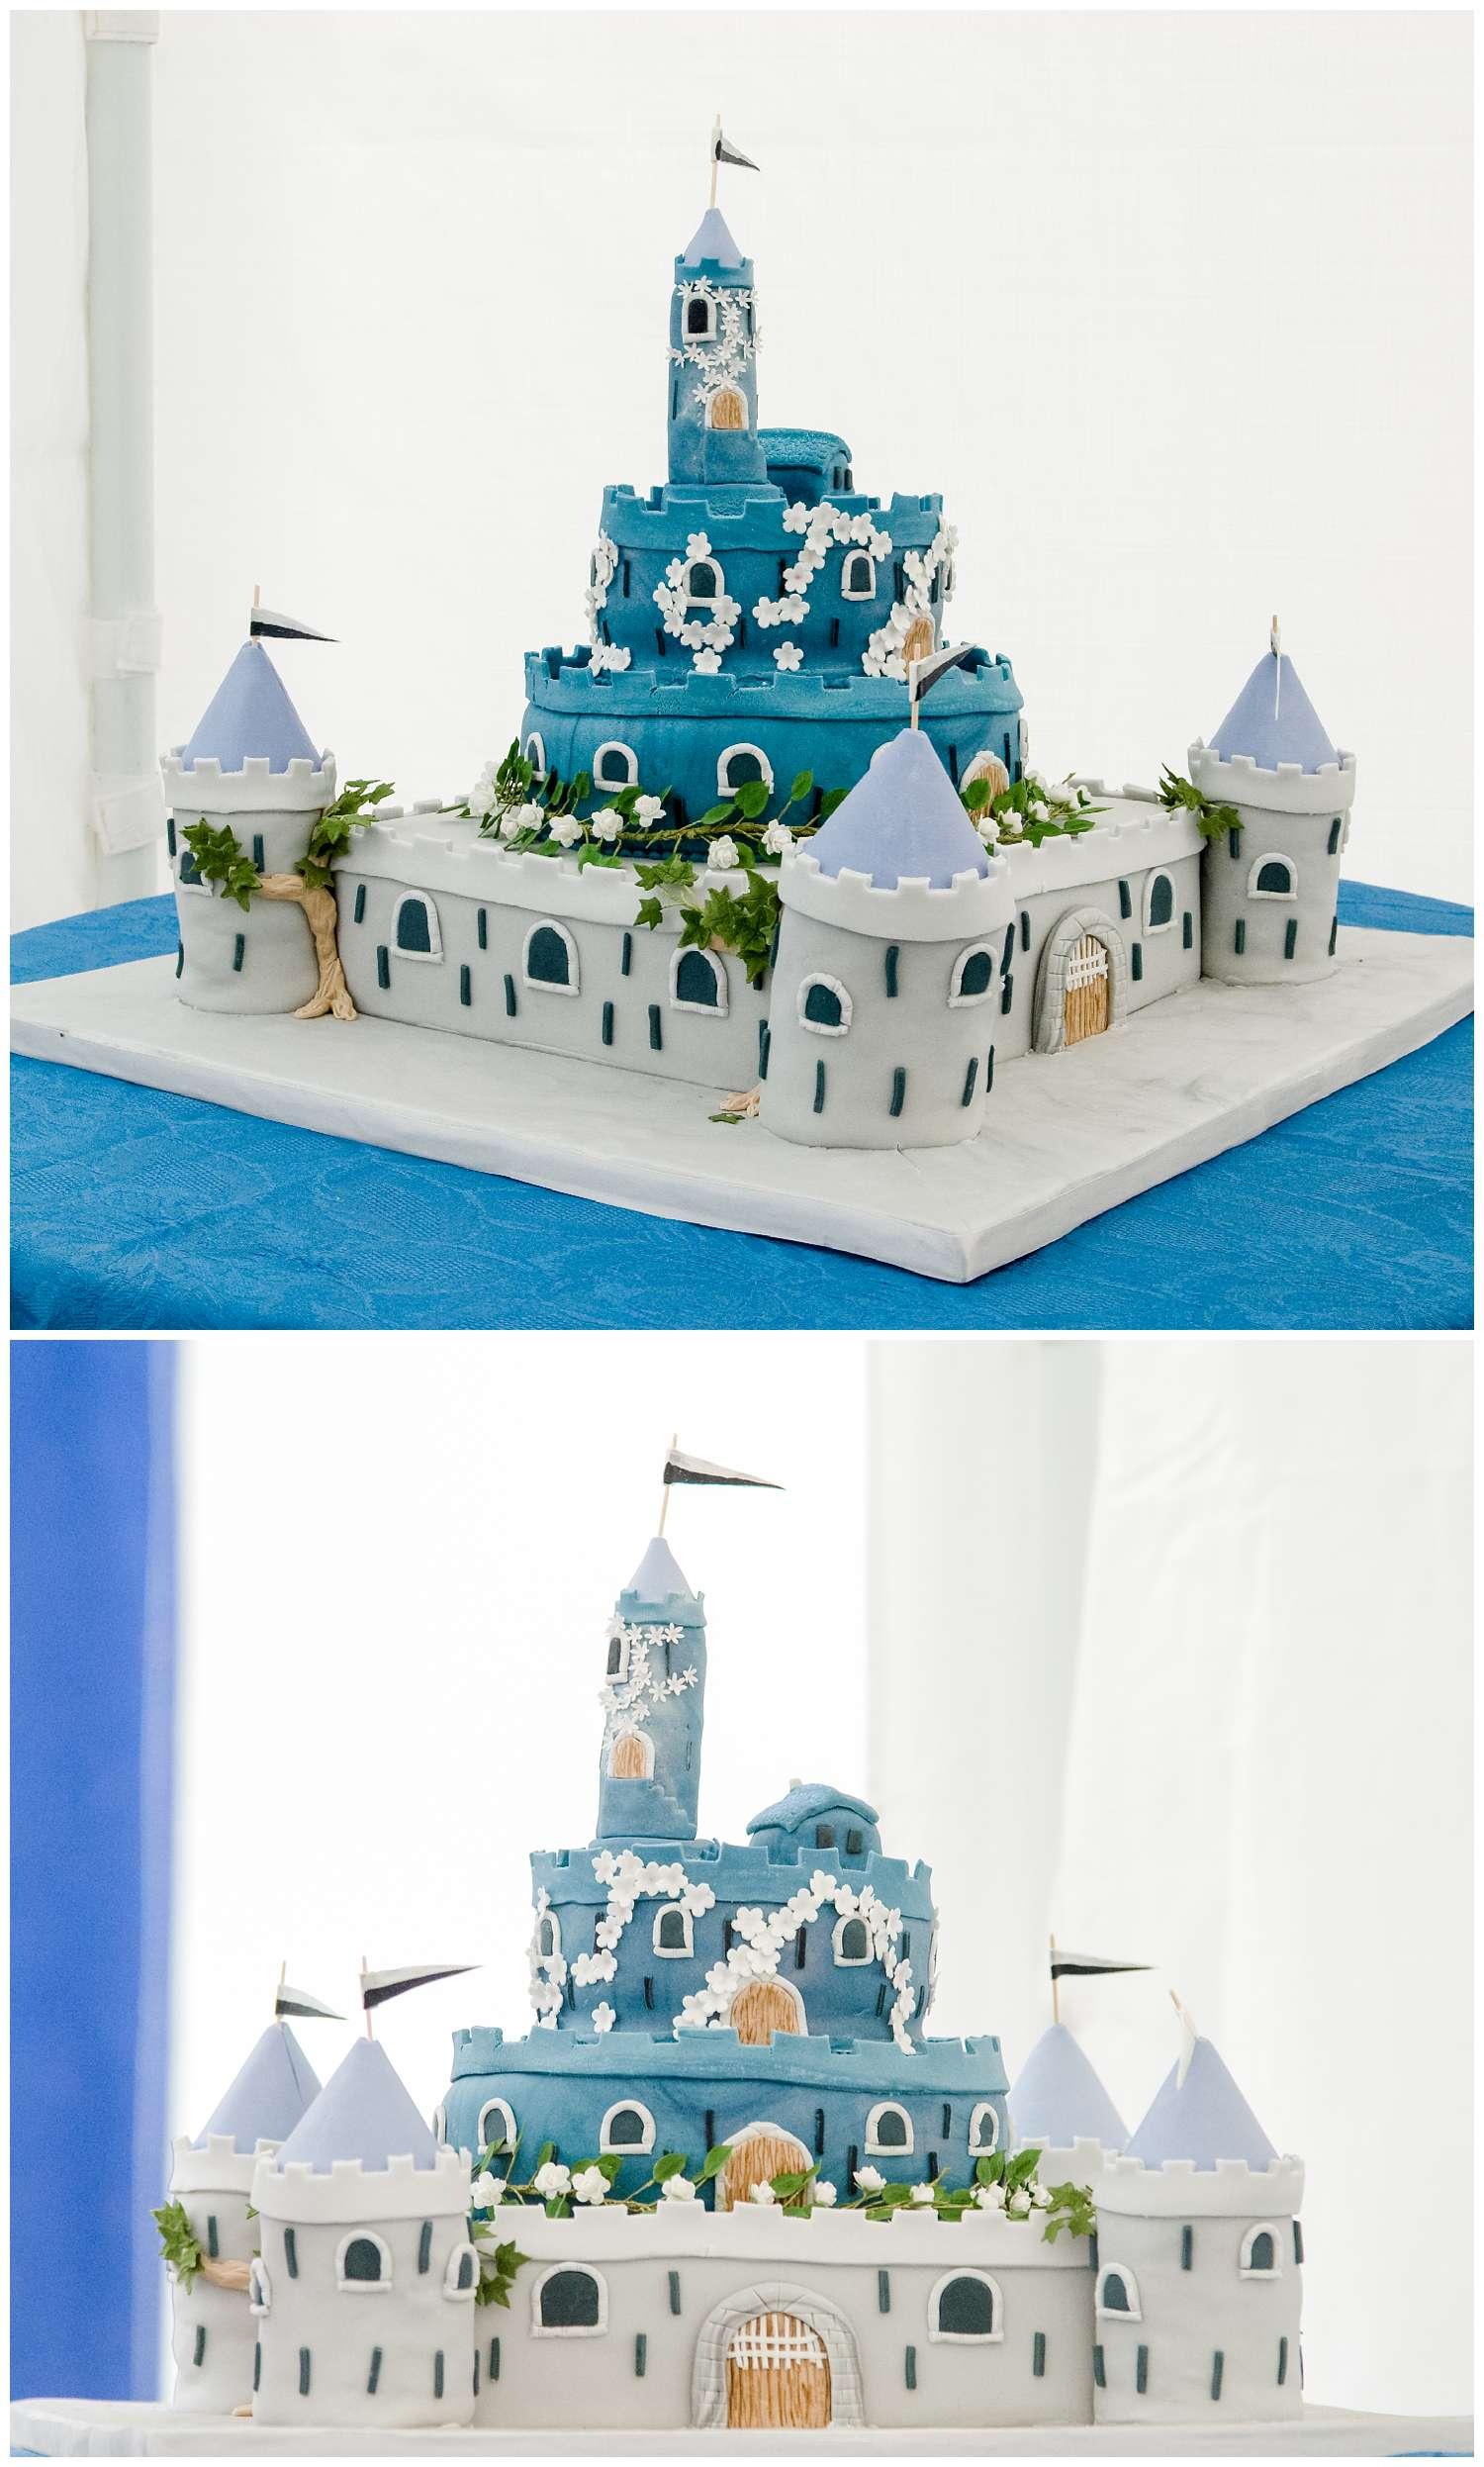 Novelty wedding cake ideas, ideas for your wedding cake